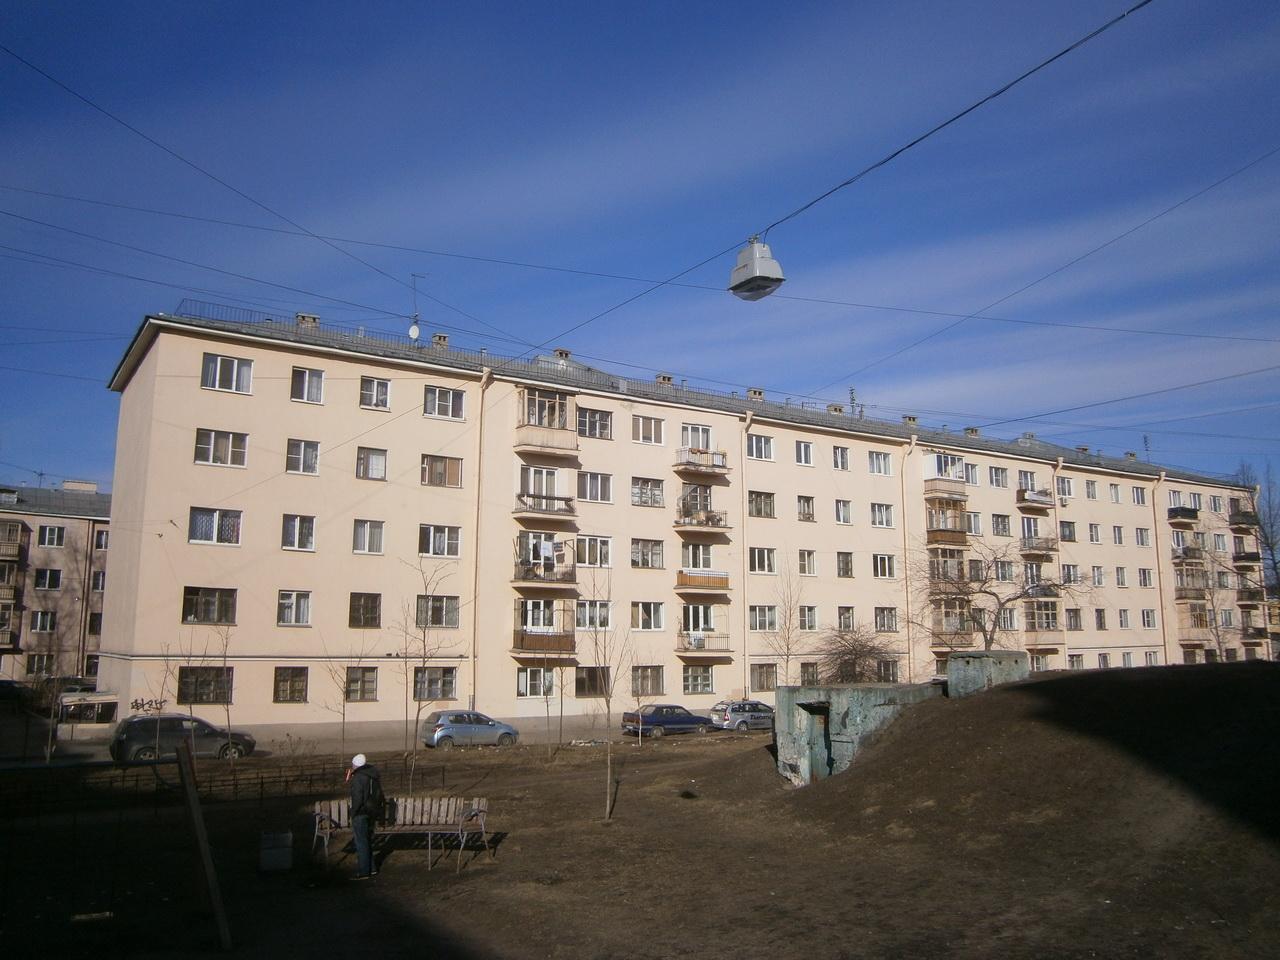 Поликлиника интерпайп нтз днепропетровск отзывы